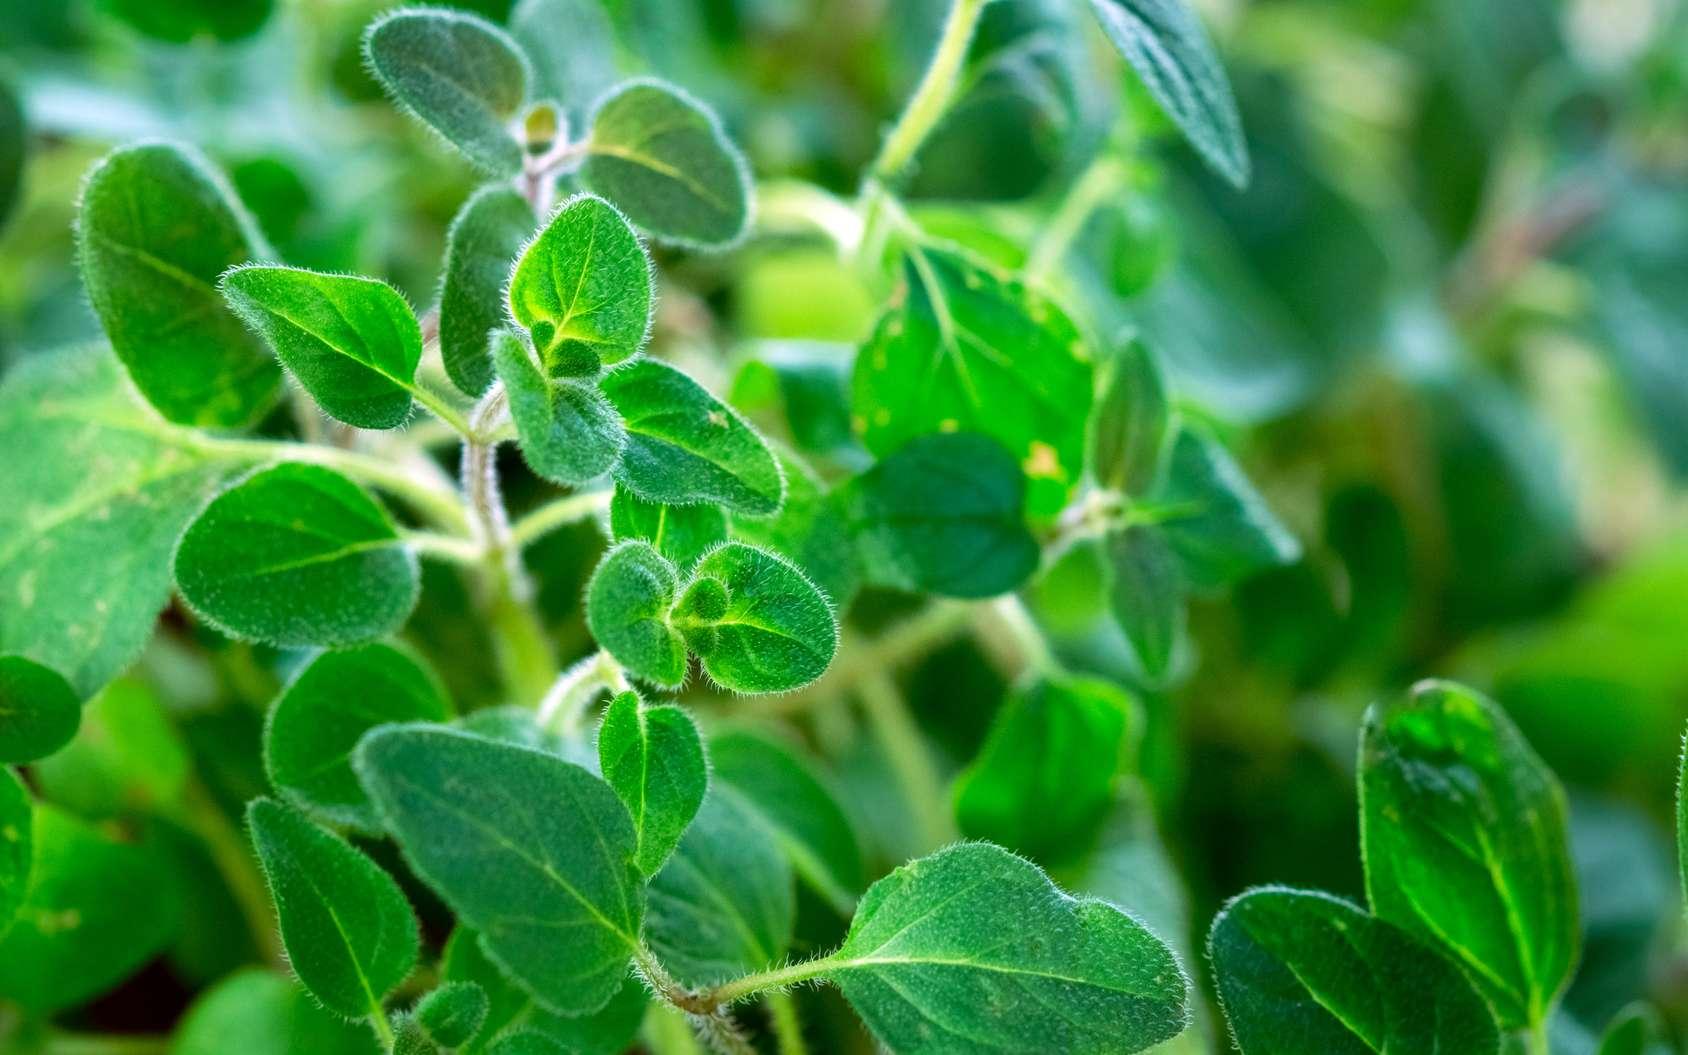 L'origan est un aromate facile à cultiver, il s'adapte bien au climat hexagonal. © Daniel Vincek, Fotolia